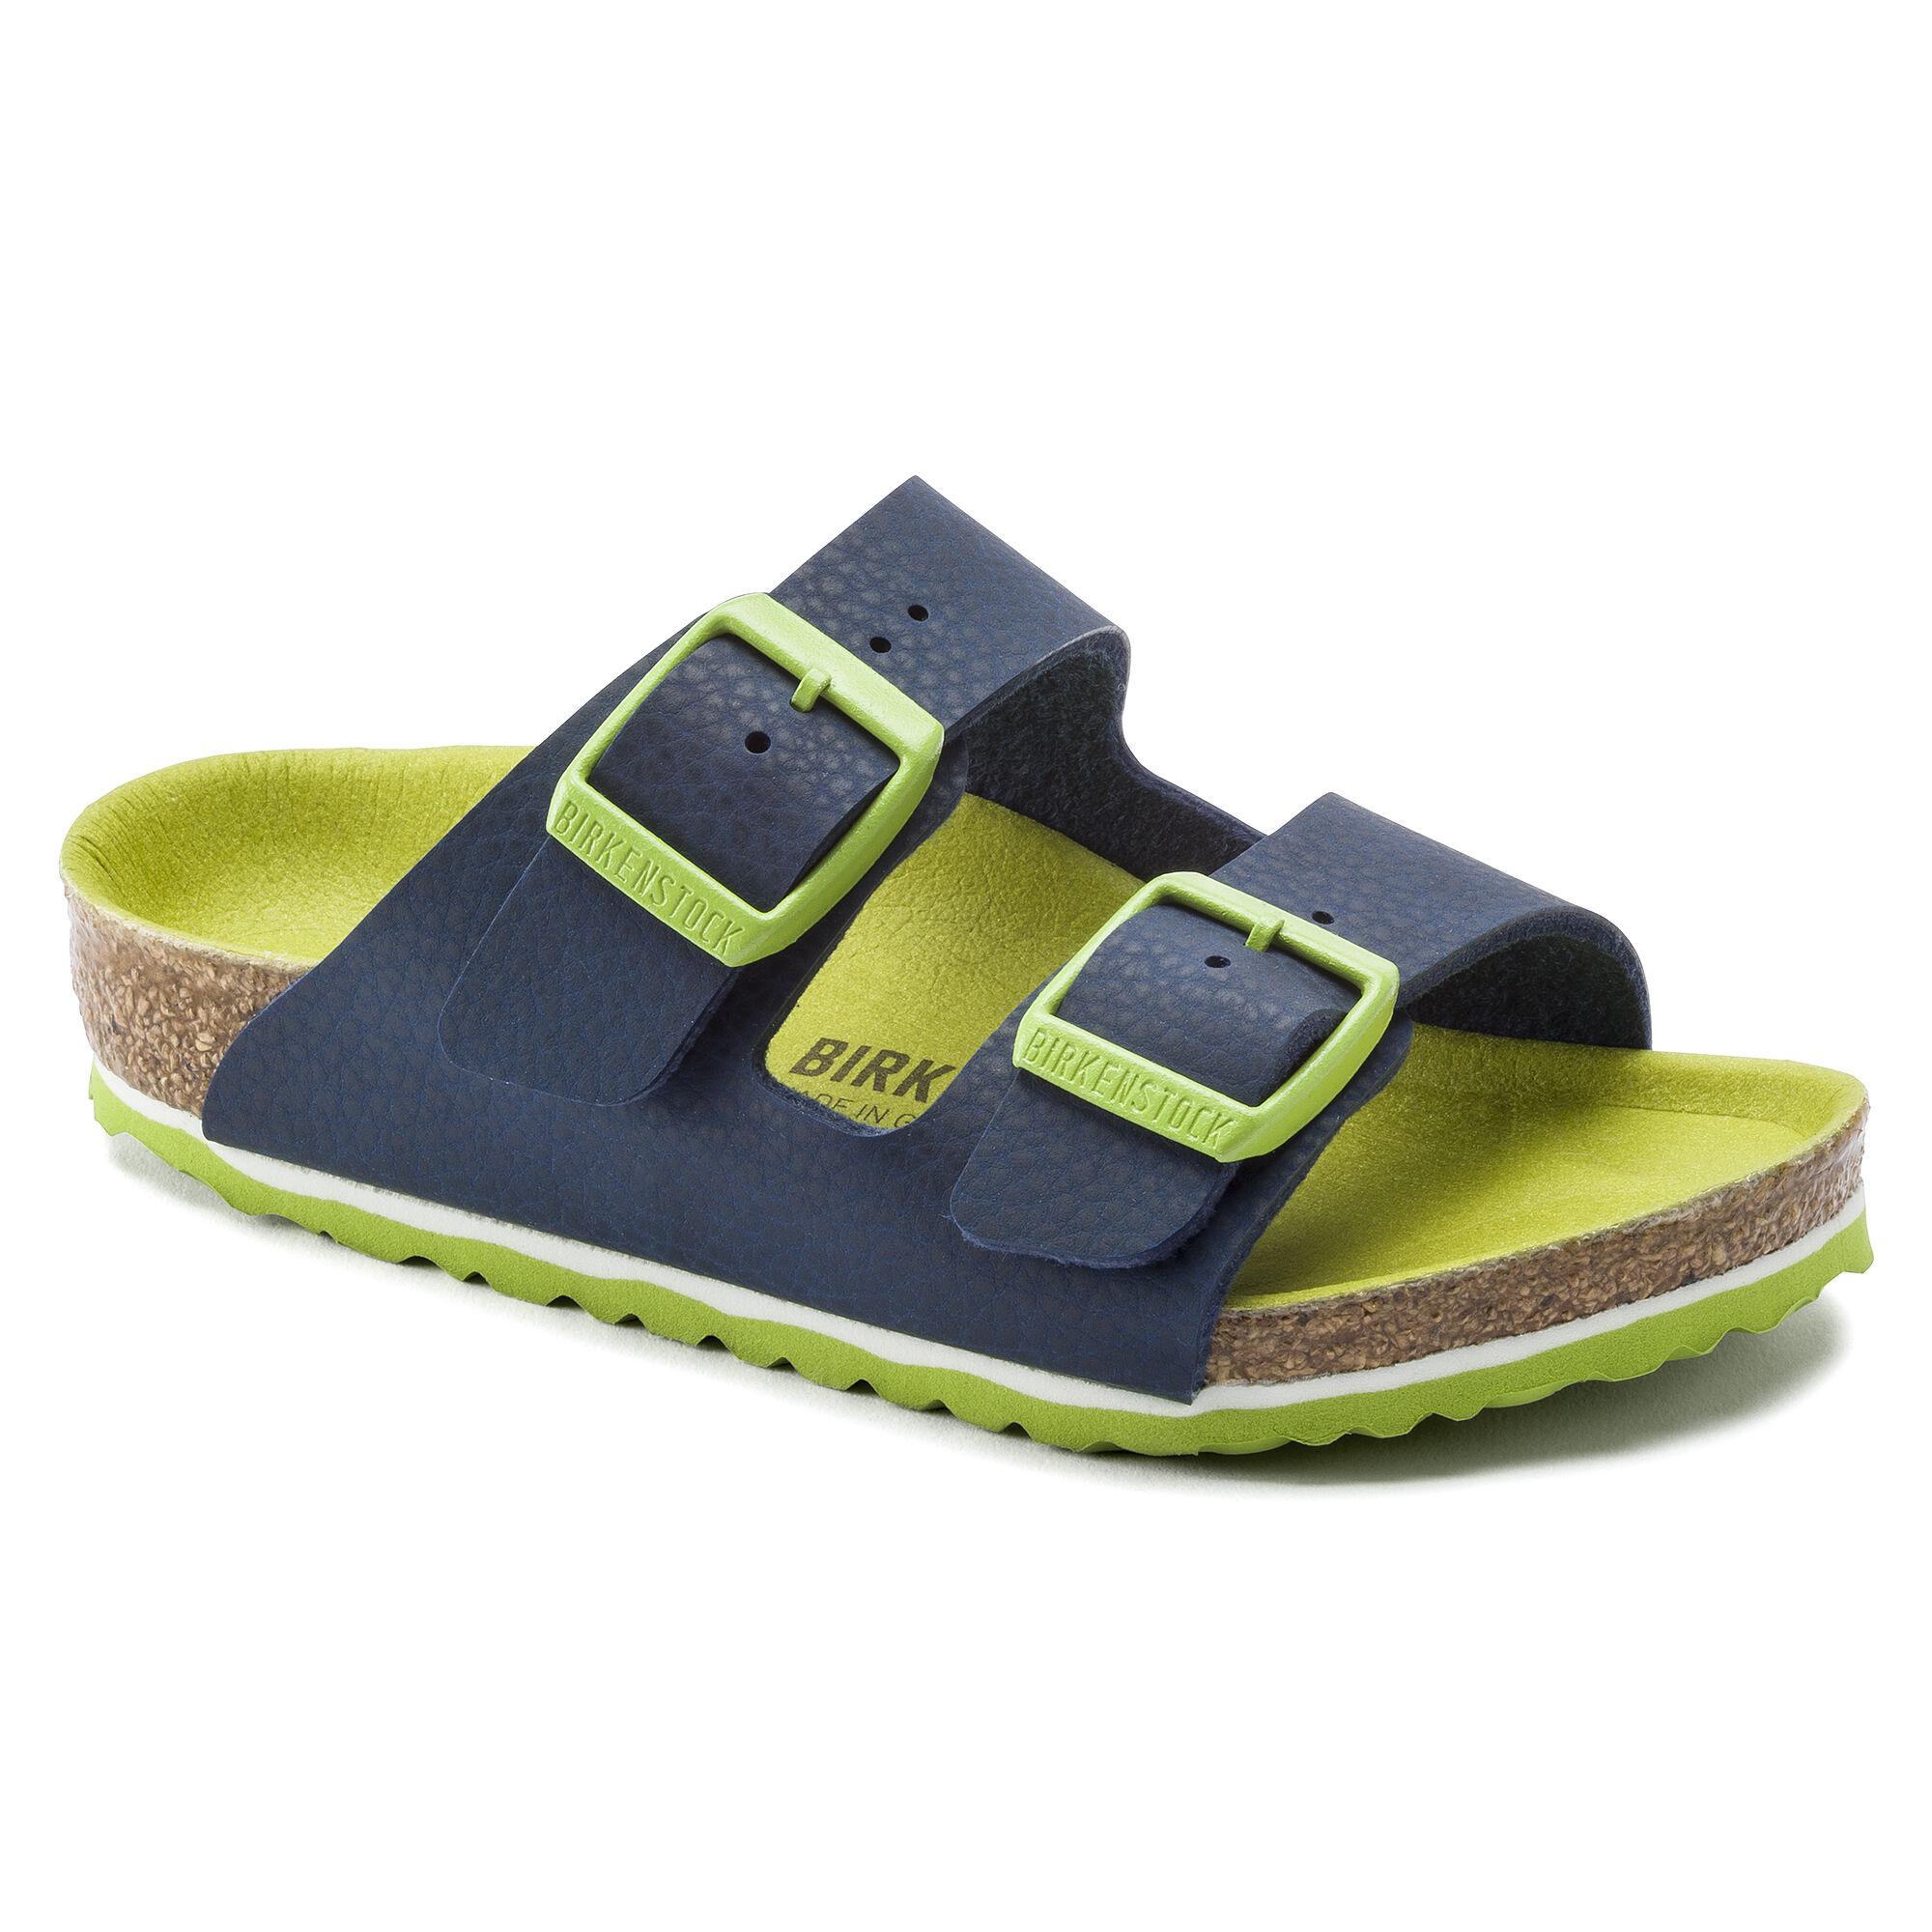 Birkenstock Kinder Sandalen für Jungen im Online Shop